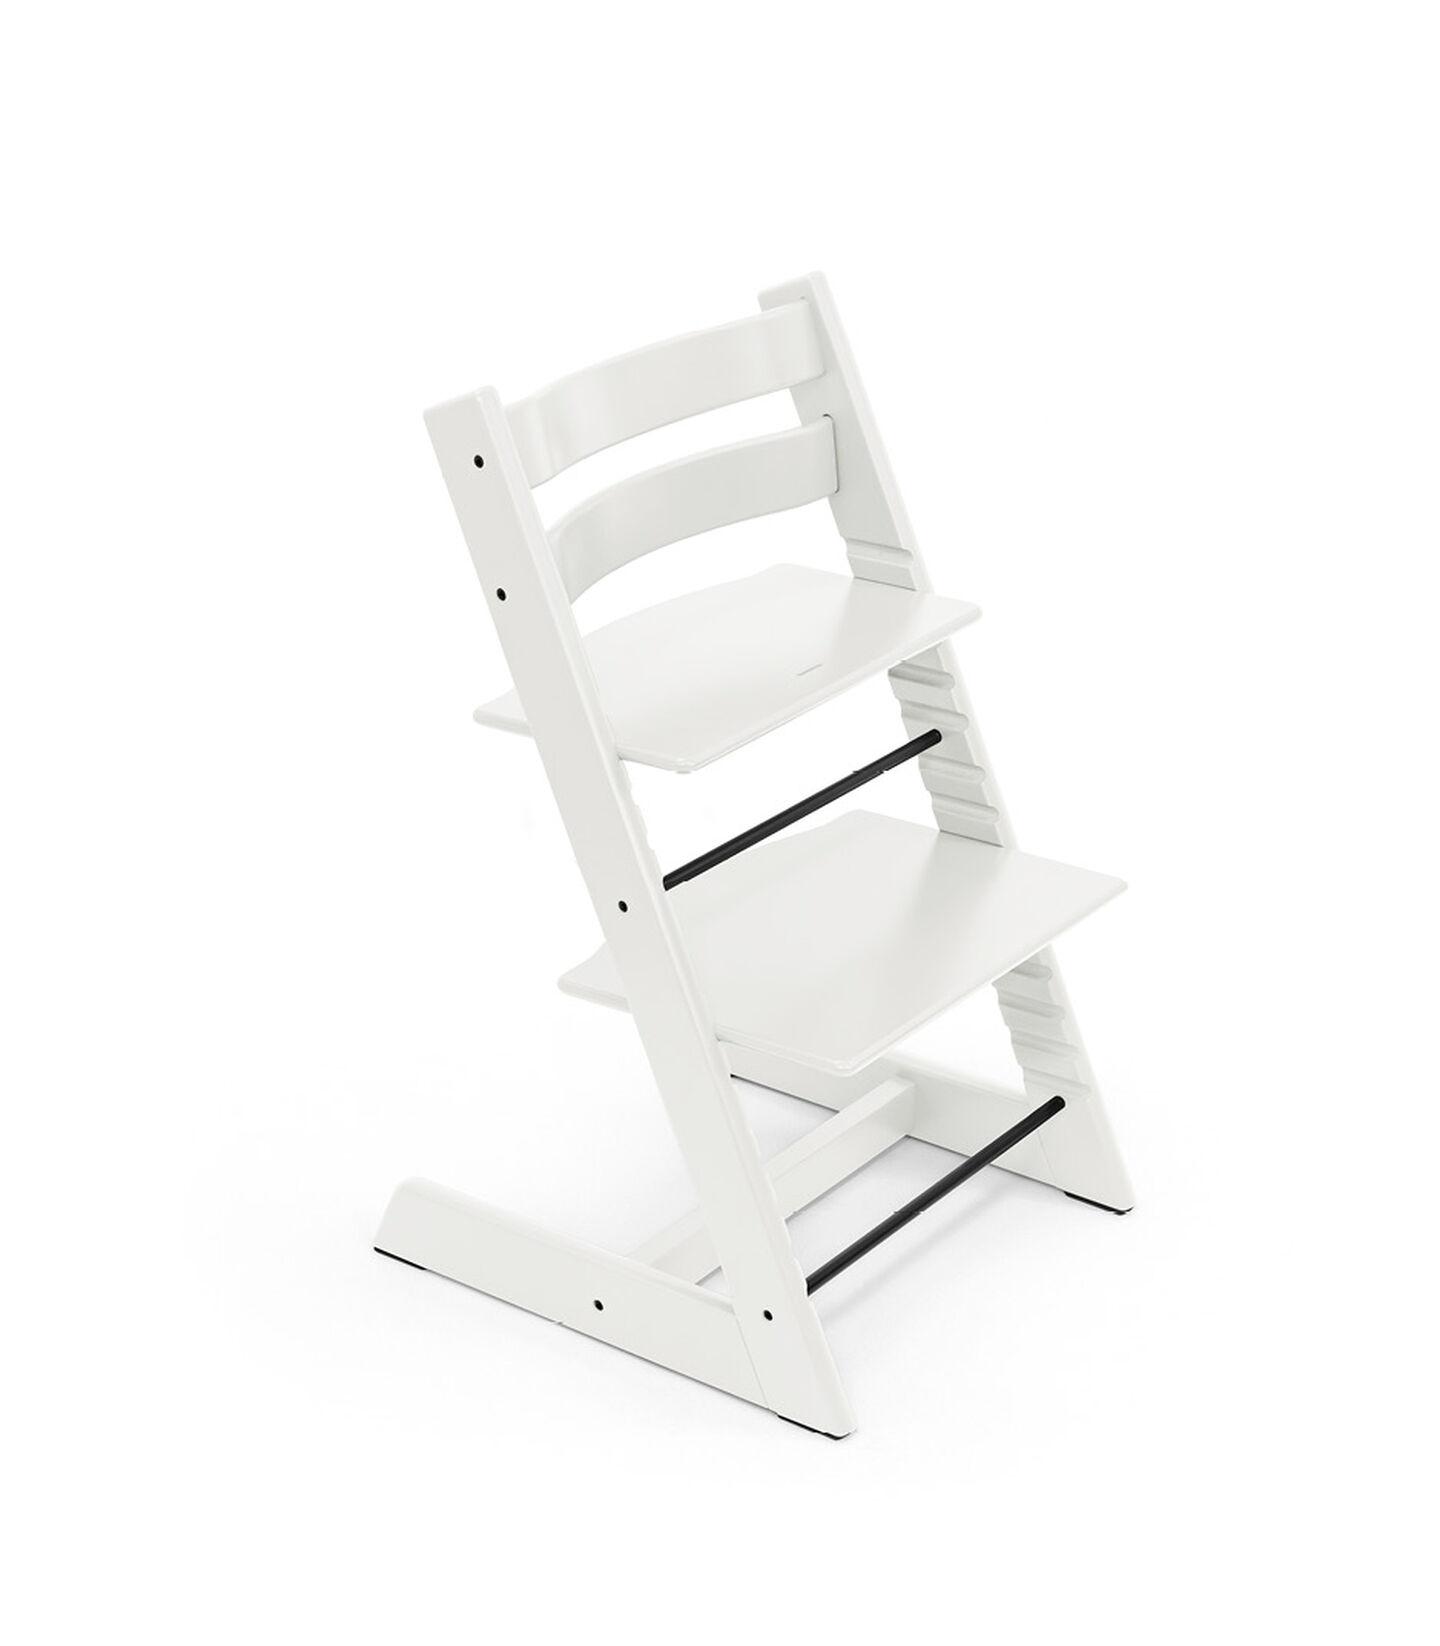 Tripp Trapp® Stuhl White, White, mainview view 1